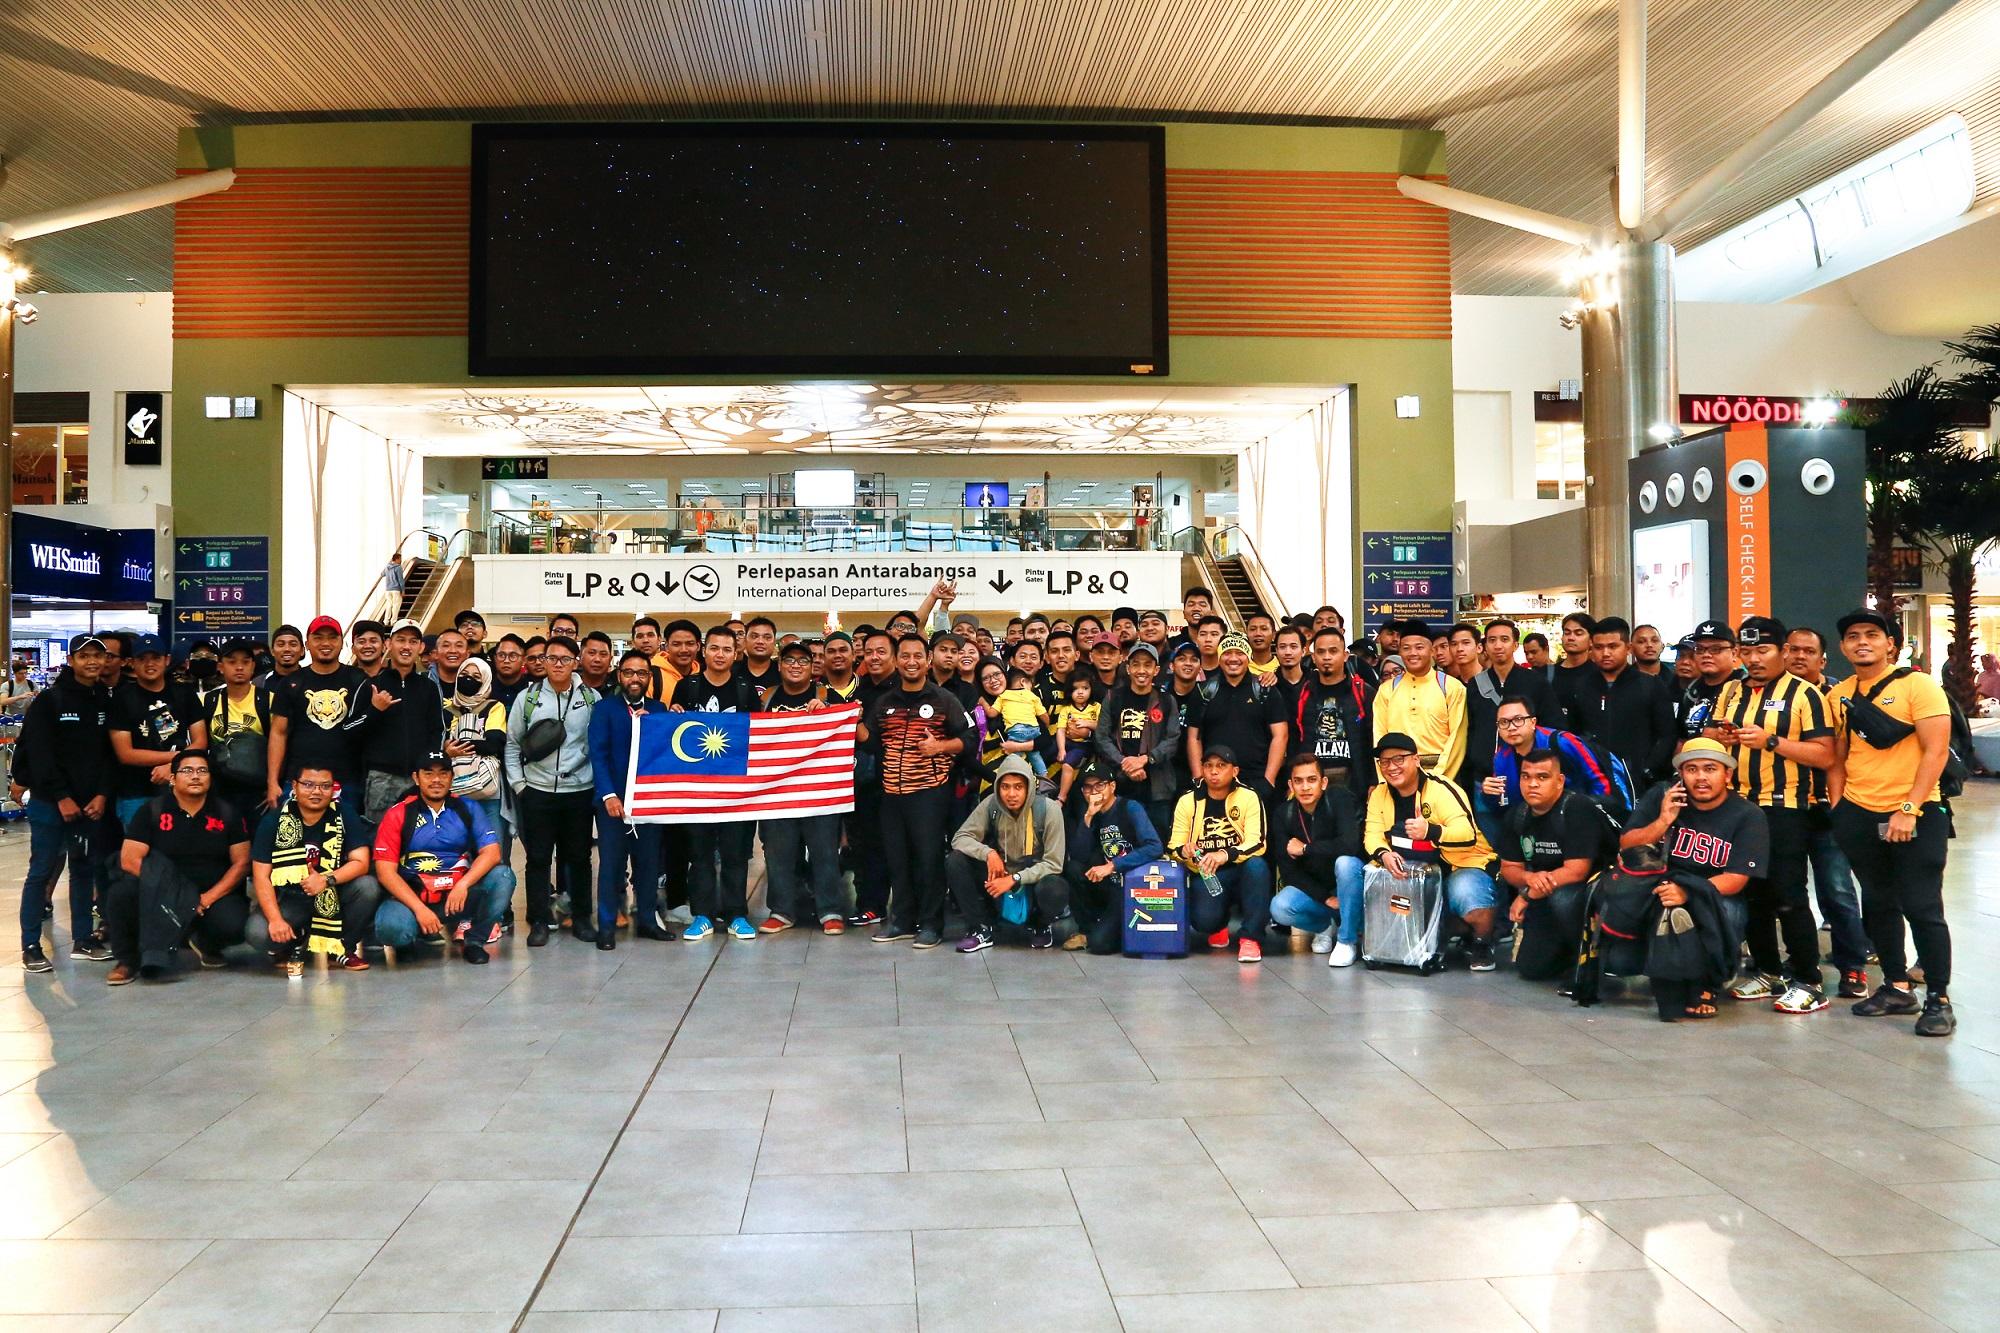 马来西亚青年与体育部秘书总理Dato' Lokman Hakim Ali与马来西亚亚航首席执行员Riad Asmat今早特别在吉隆坡国际机场2(klia2)为支持者们送行。